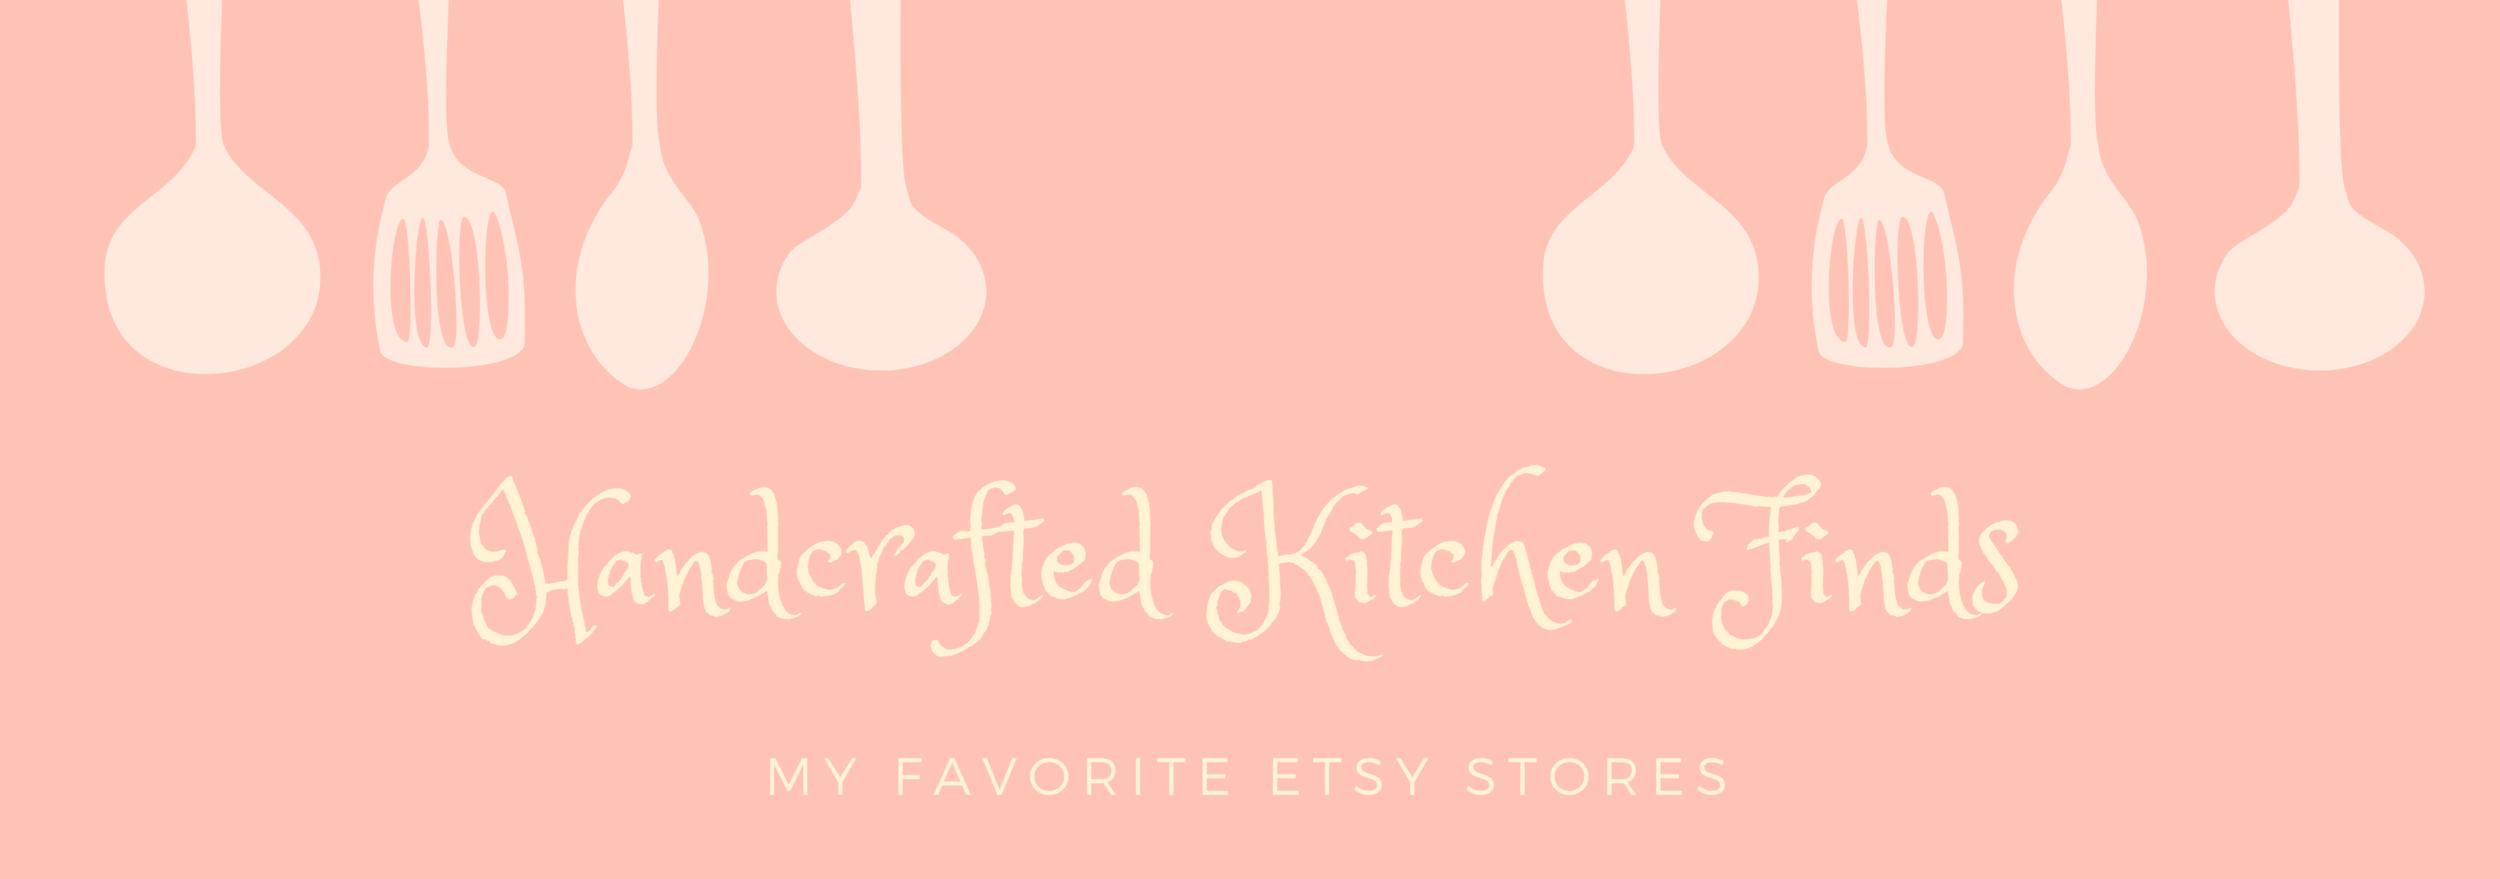 Gennifer Rose - Etsy Kitchen Finds